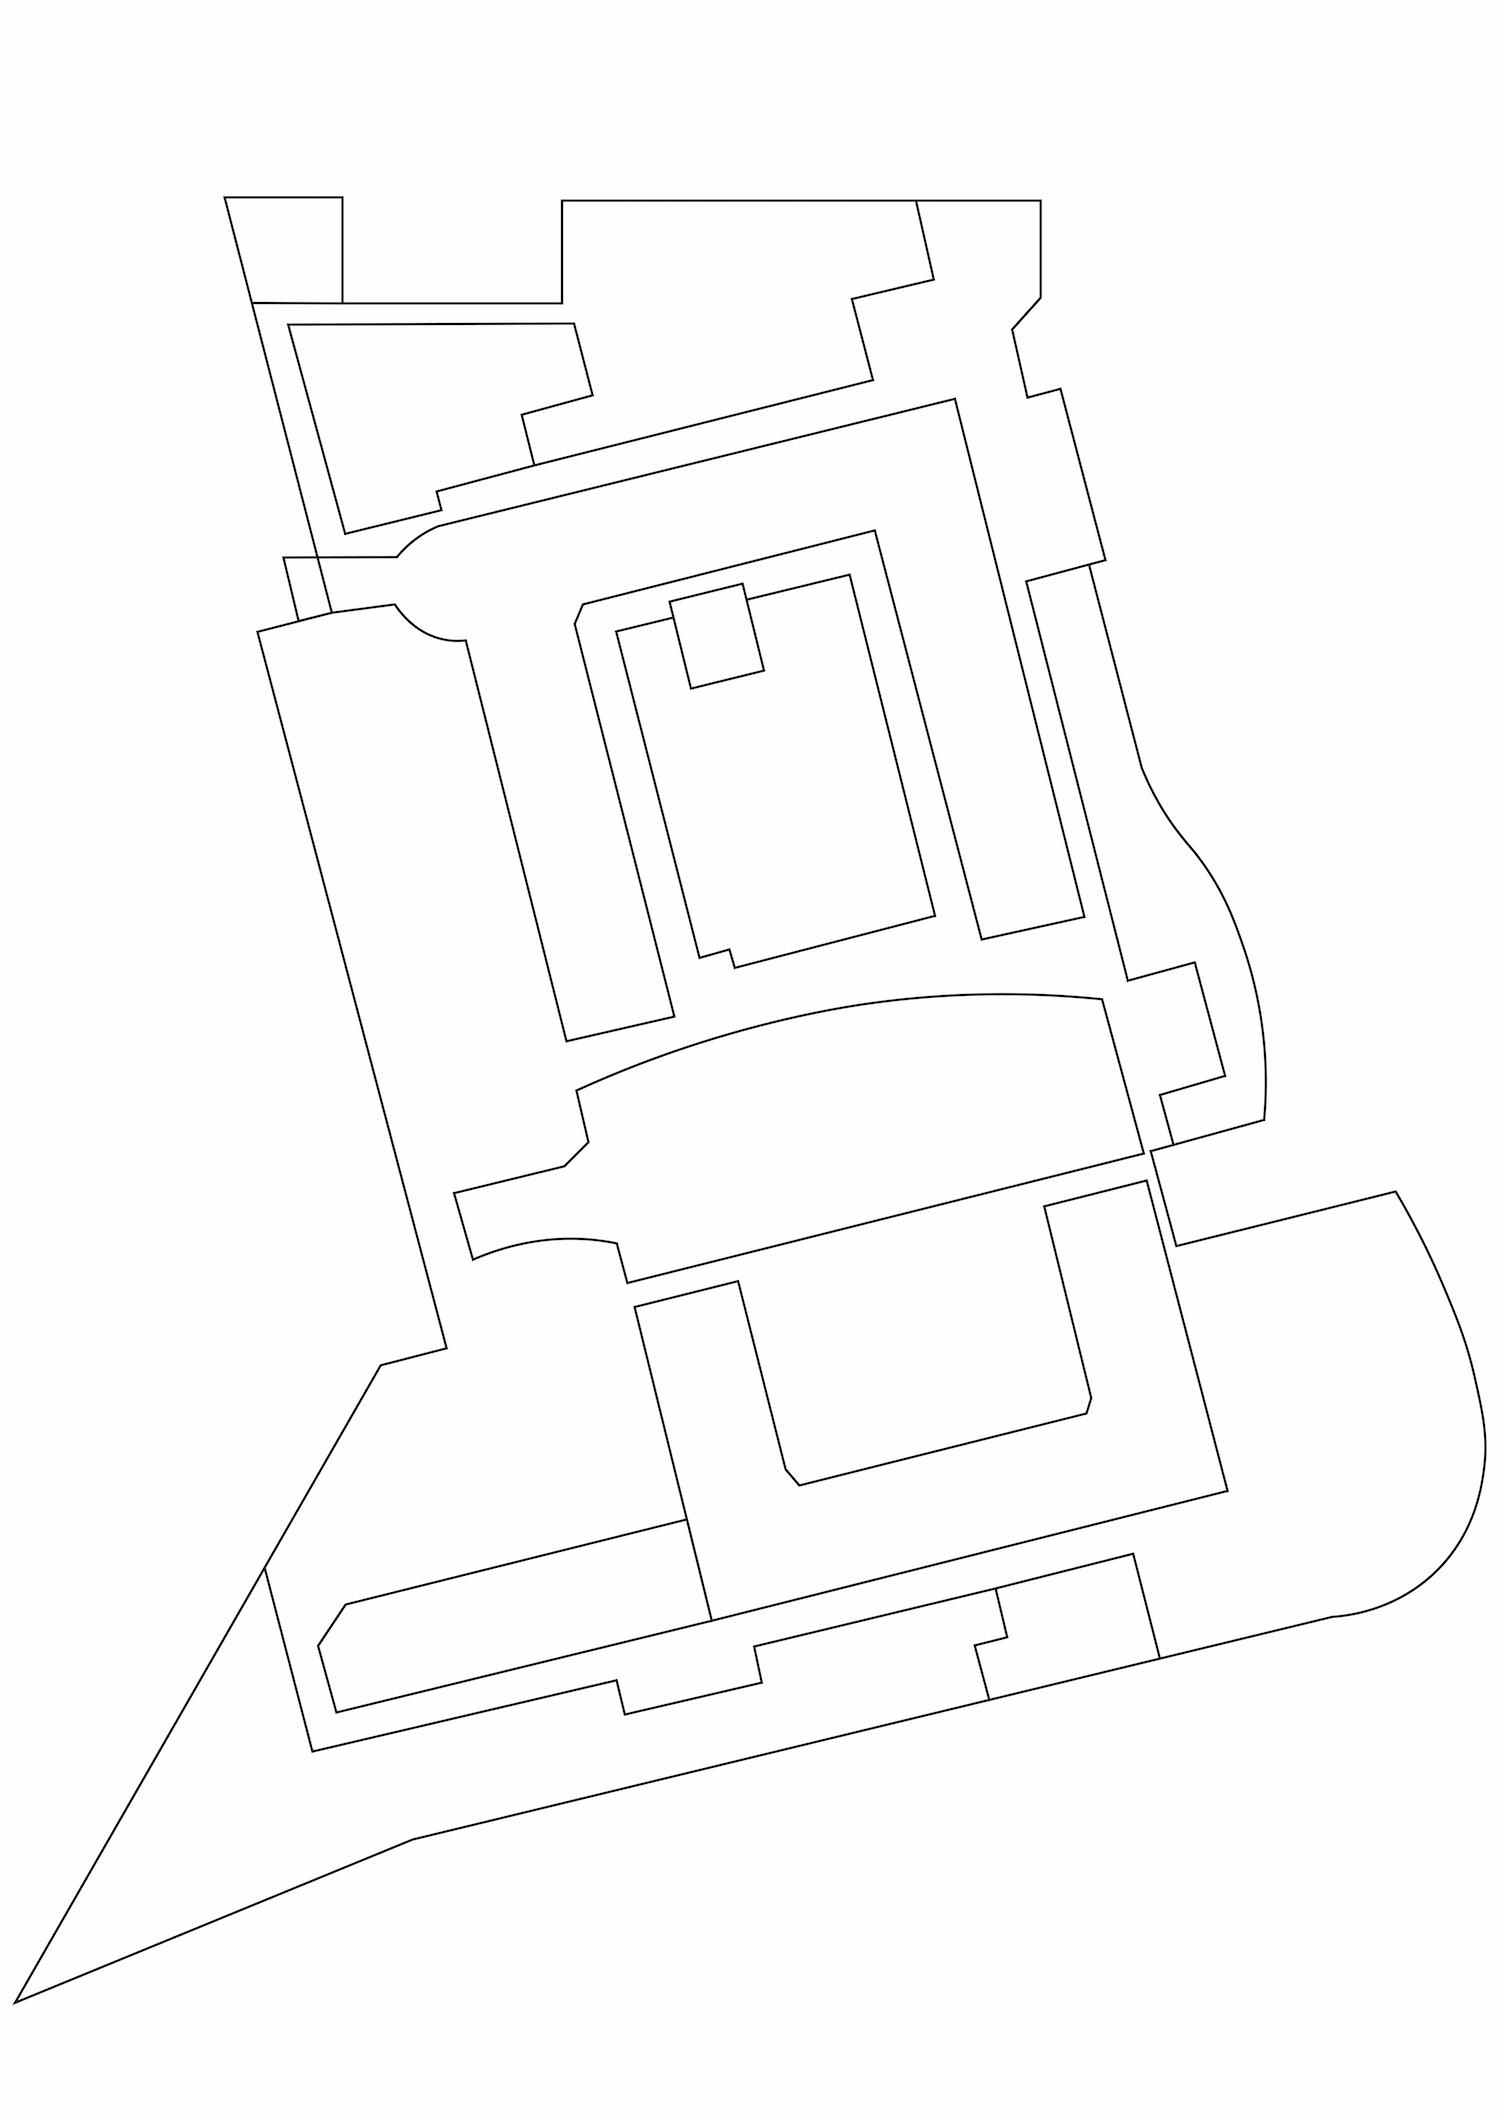 14_Zeichenfläche 1.jpg